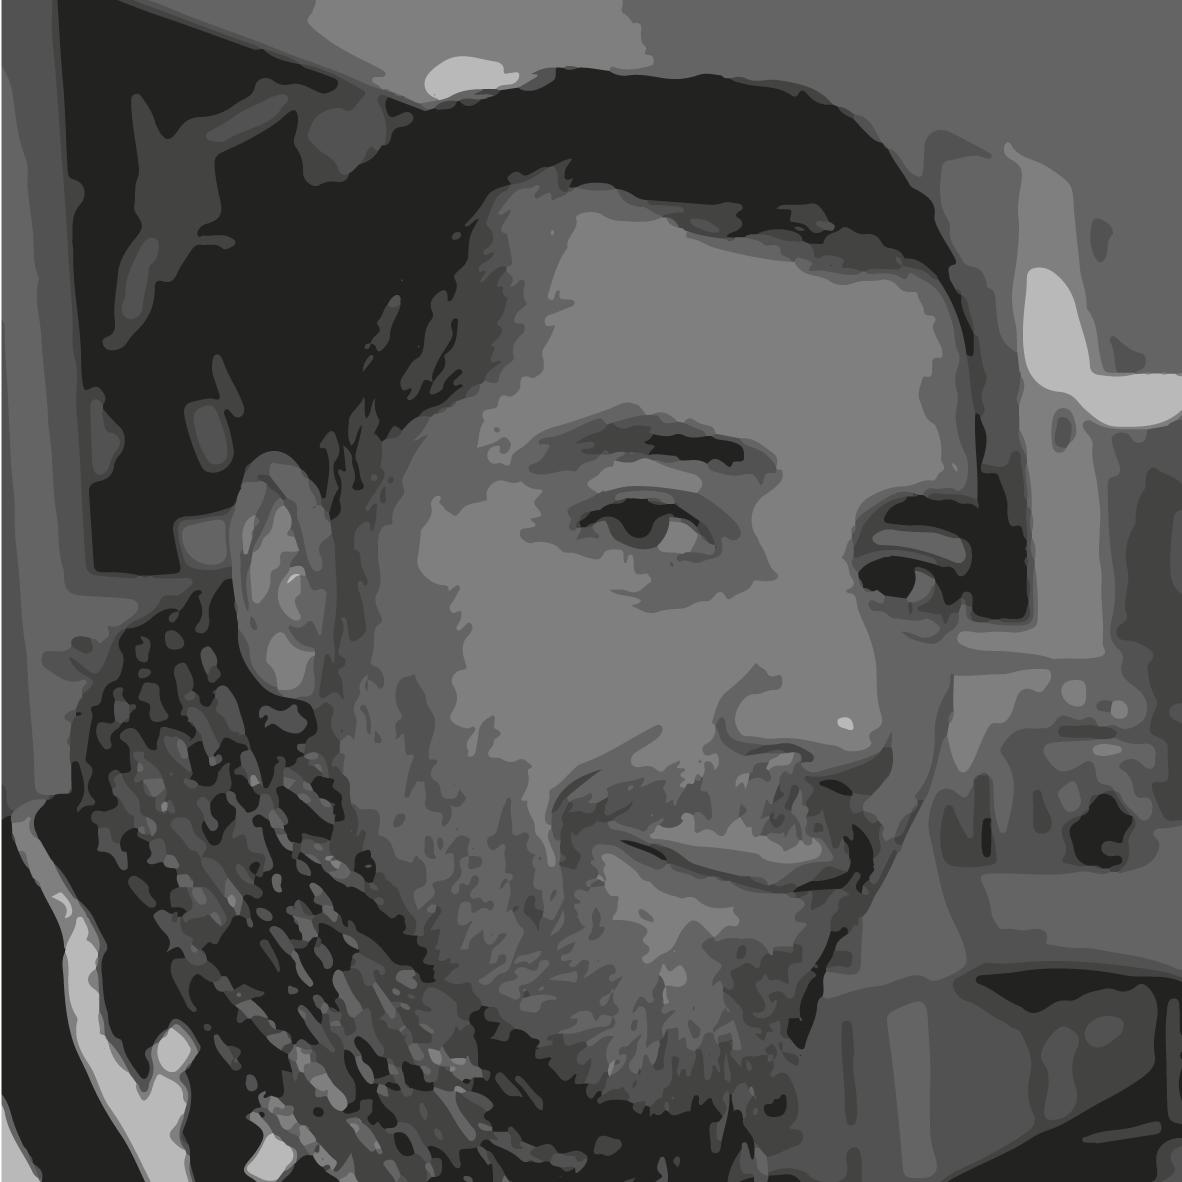 Kunstner Victor Ash     Web:       https://www.victorash.net/       Instagram:       https://www.instagram.com/victor__ash/